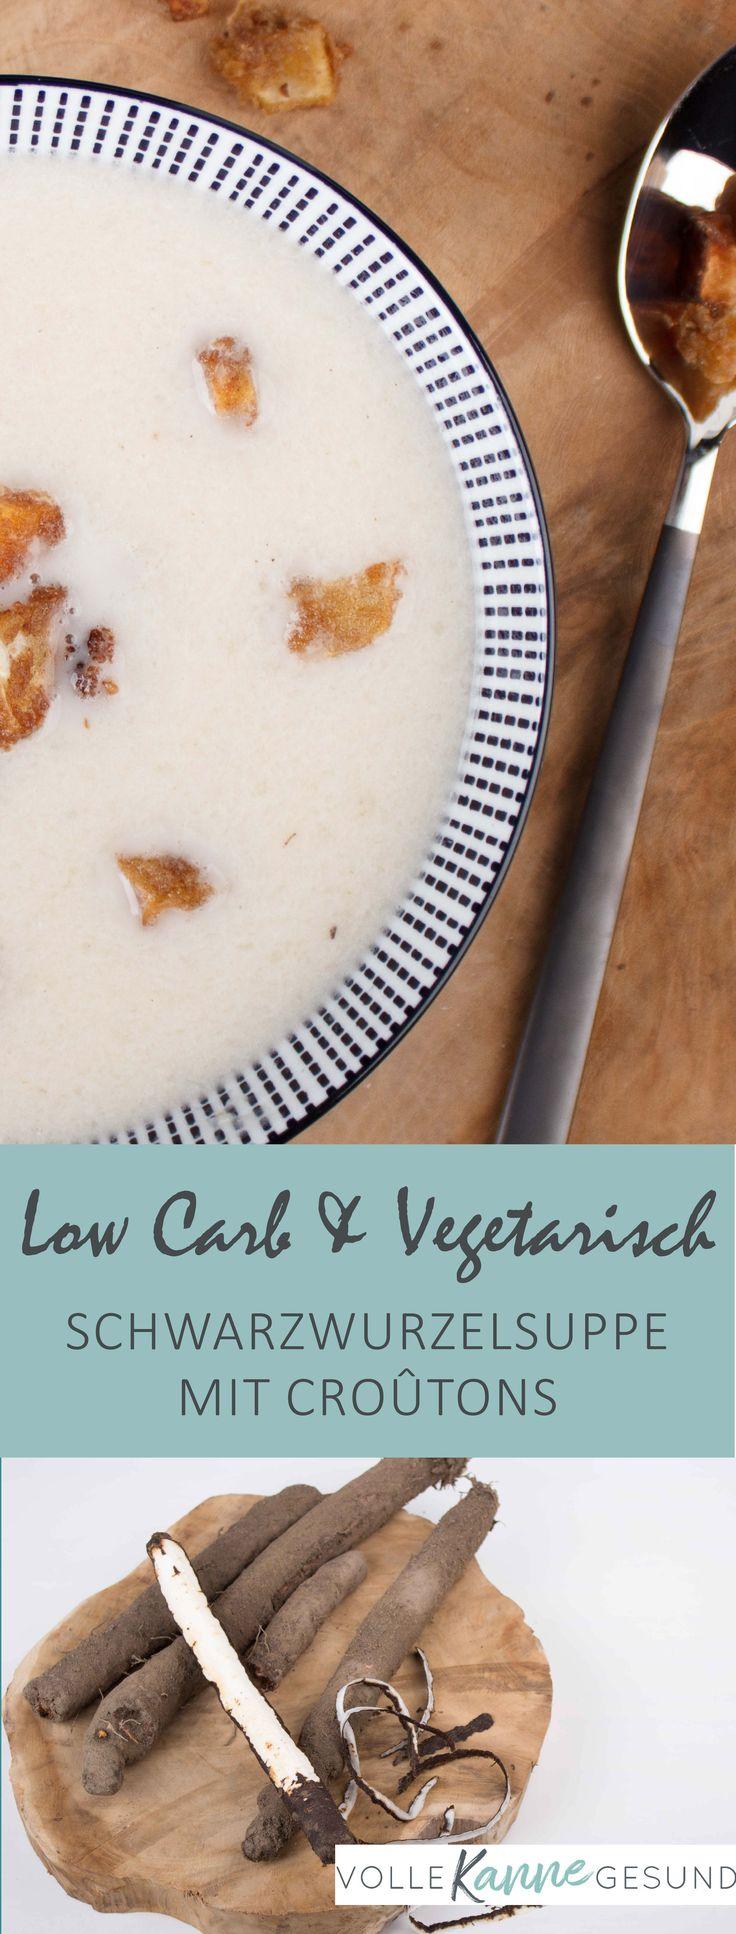 Eine Low Carb-Rezept für eine Suppe mit Croûtons - statt Brot nimmst du Sellerie, panierst mit Ei und Flohsamenschalen und frittierst sie in Schmalz. Fertig ist die köstliche Suppeneinlage. Für die LCHF-Ernährung geeignet, vegetarisch und Low Carb. Schwarzwurzeln sind übrigens lange unbeachtet gewesen, inzwischen findet man die langen schwarzen Stangen aber häufiger im Supermarkt. #lchf #cleaneating #lowcarbrezept #lowcarbrecipes #lchfrezepte #lchfrezepte #abnehmen #weightloss…